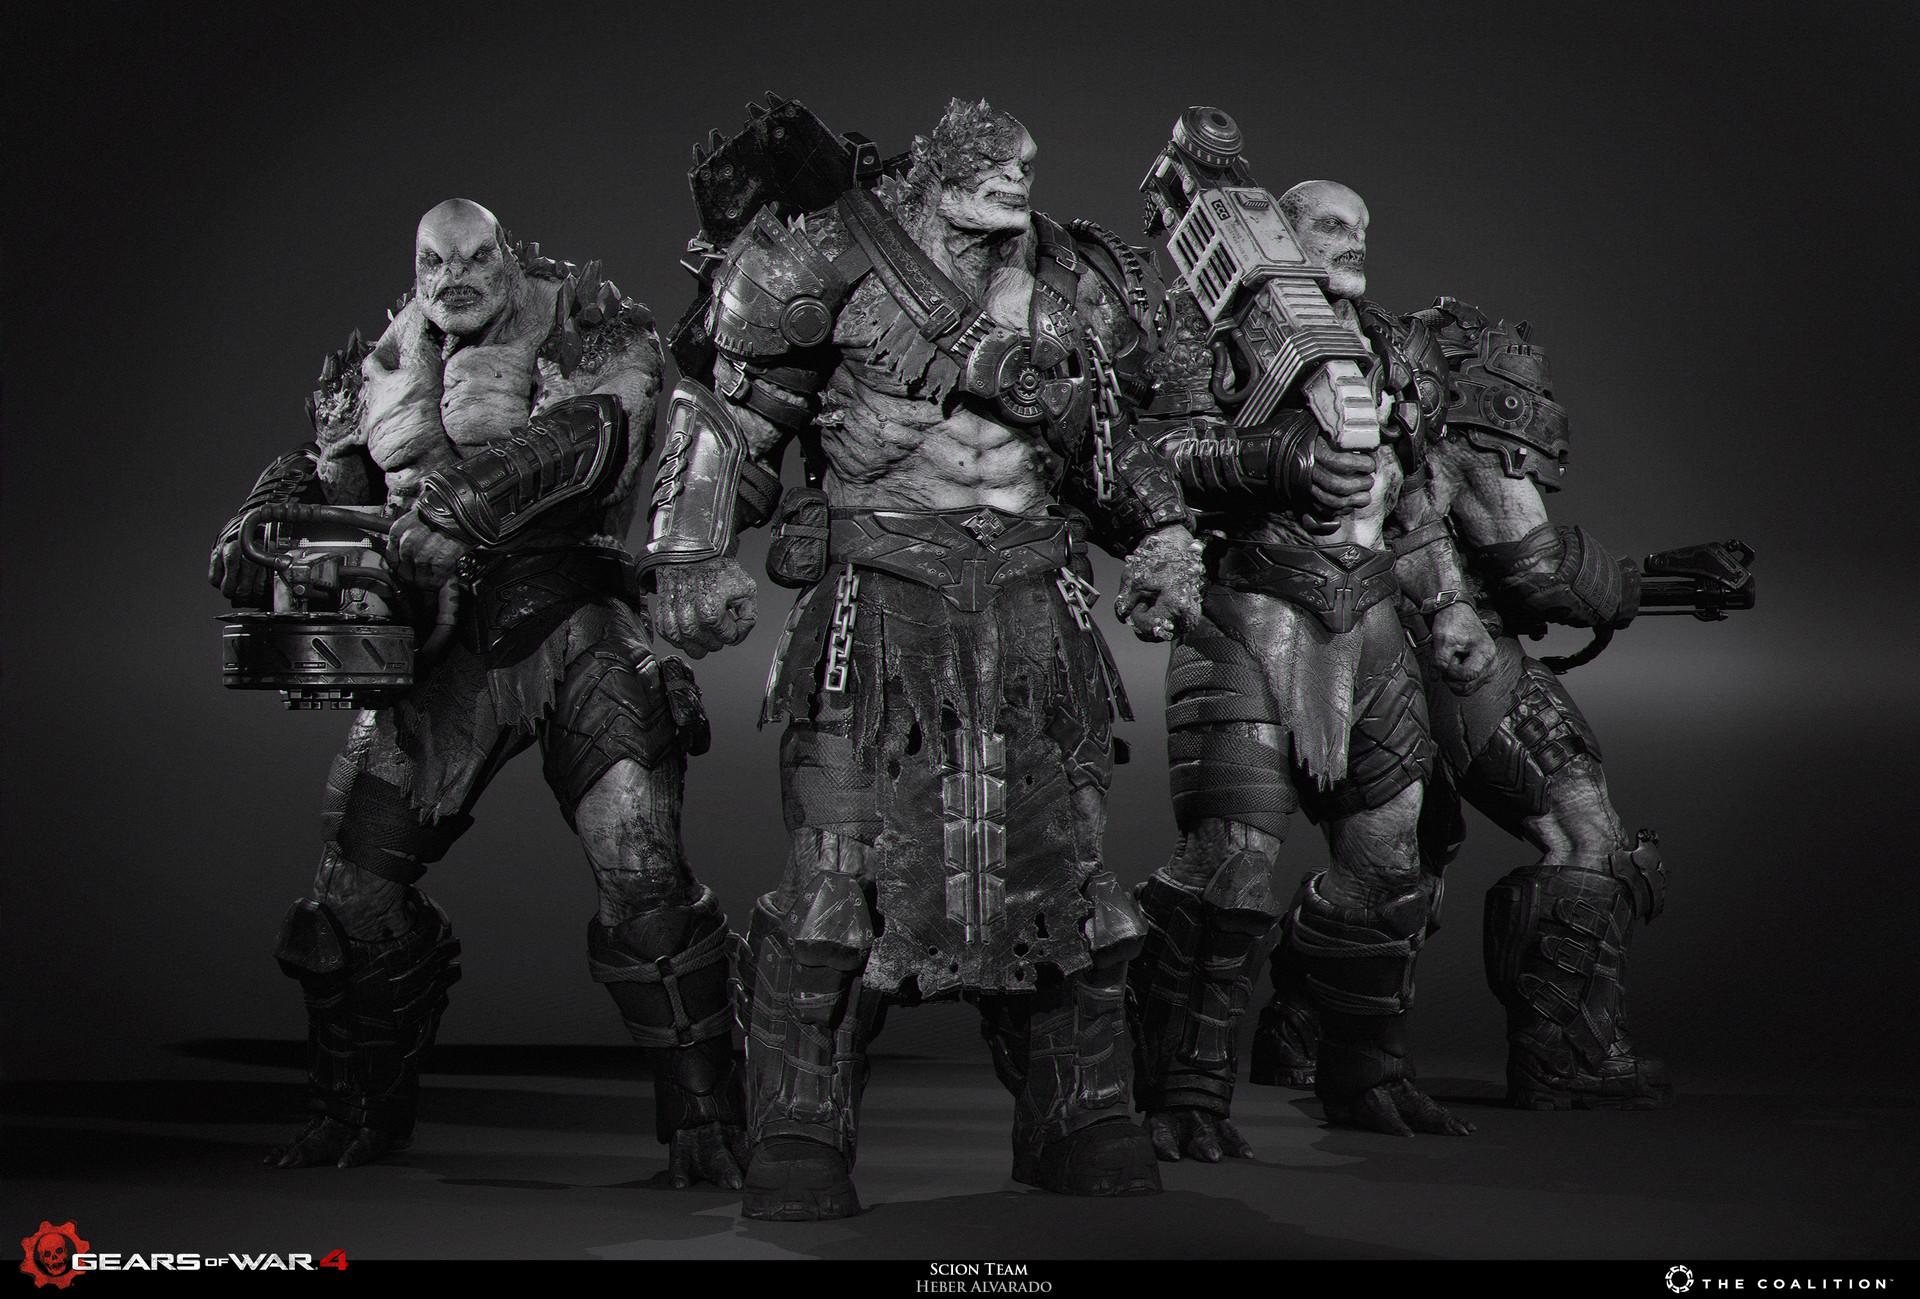 Heber Alvarado Gears Of War 4 Scions And Pouncer